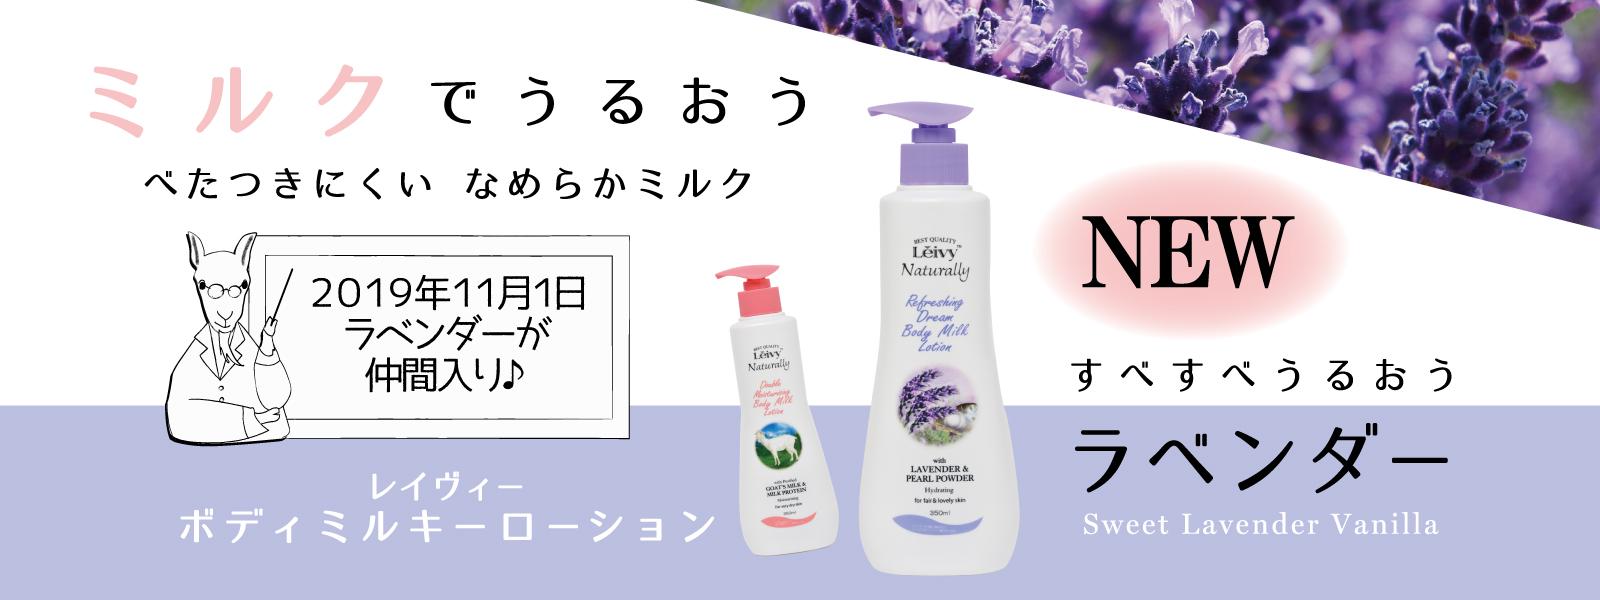 2019.11新商品 レイヴィーボディミルキーローションラベンダー♪